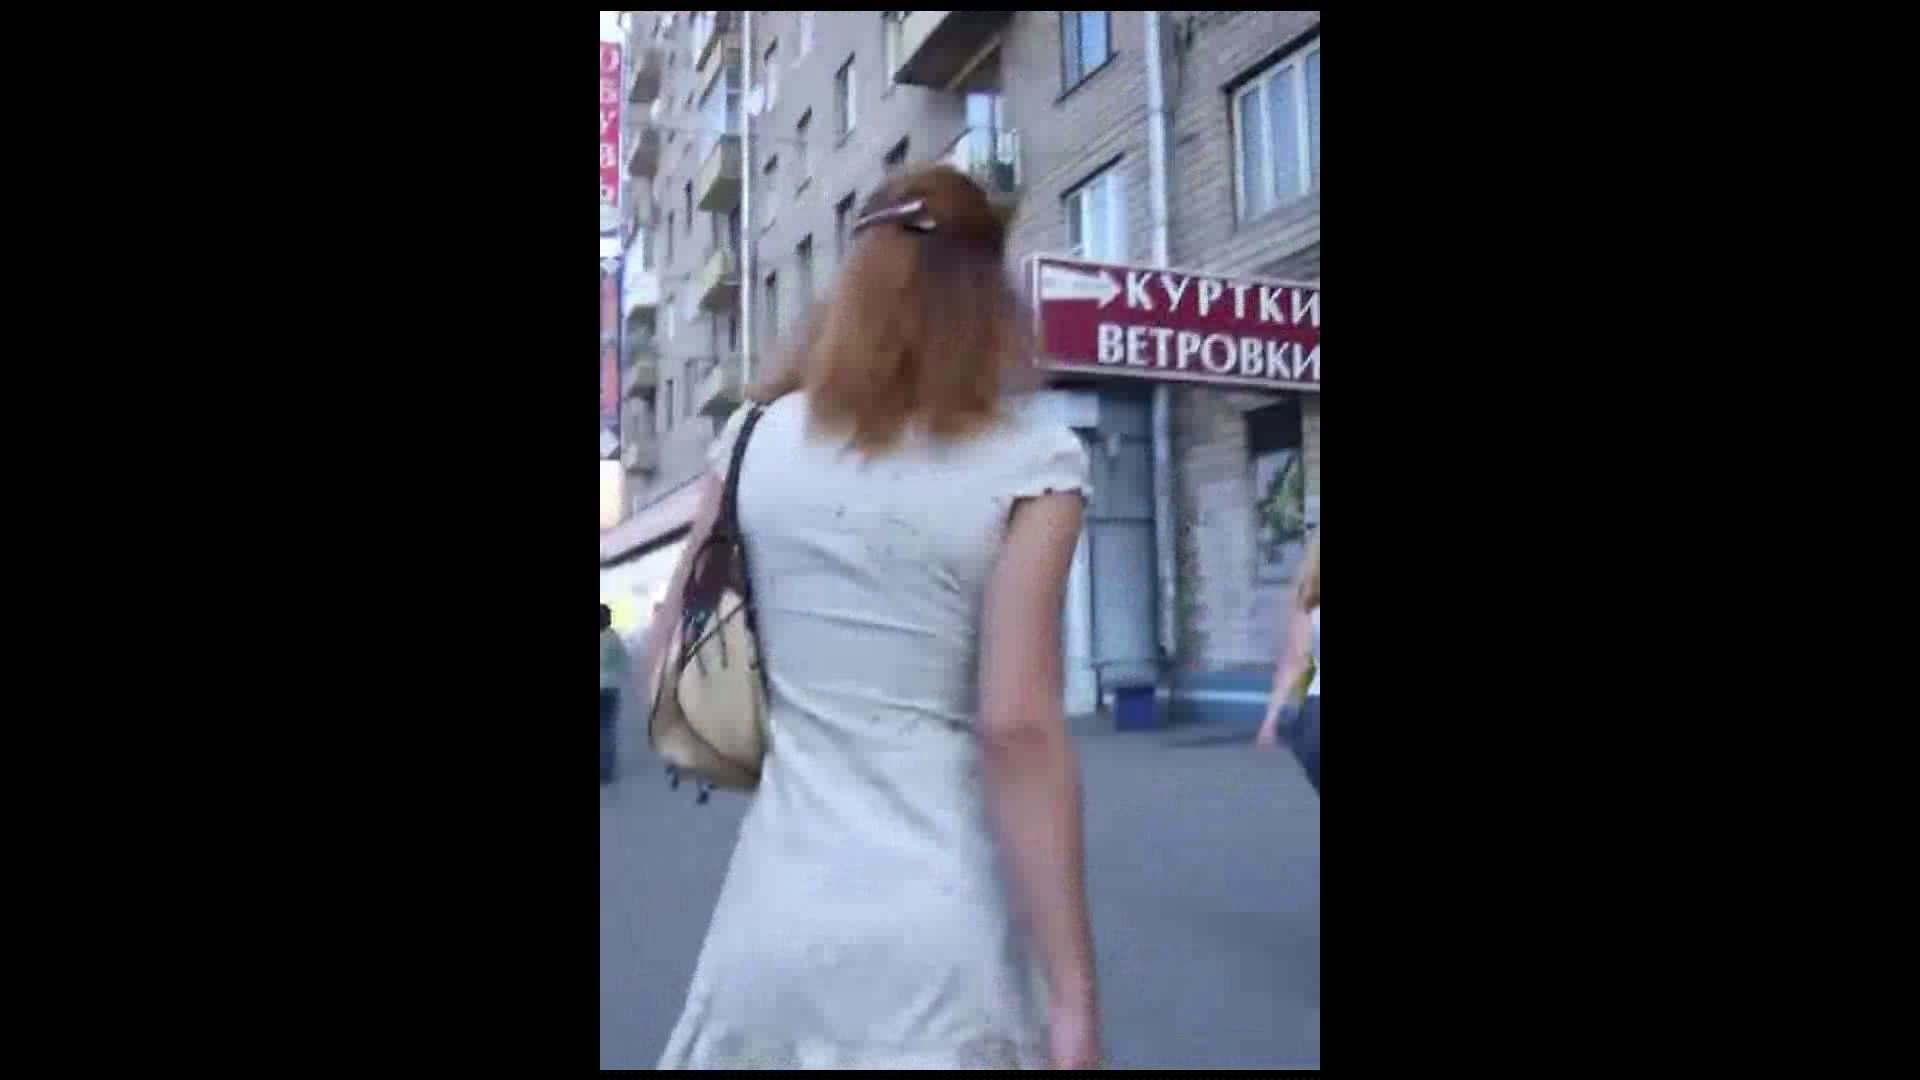 綺麗なモデルさんのスカート捲っちゃおう‼vol03 お姉さんのエロ動画 | 0  101PIX 69